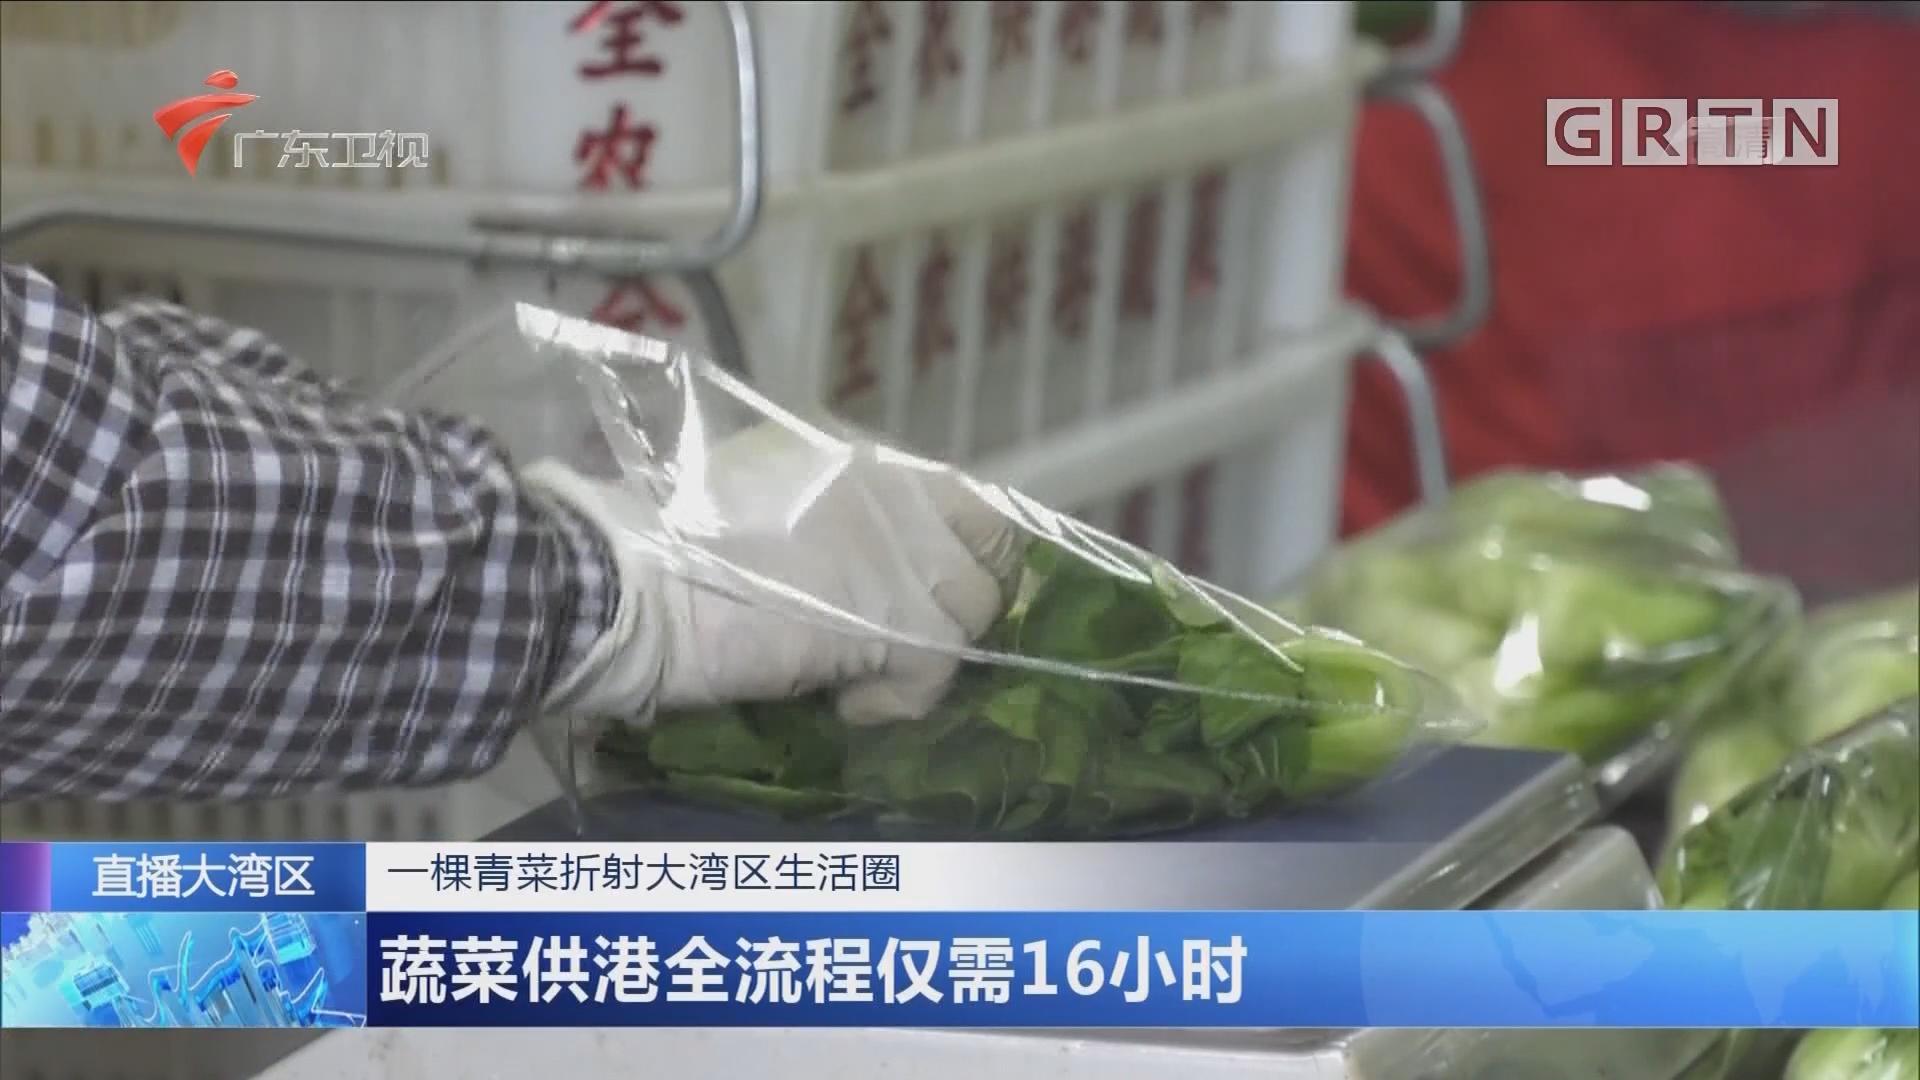 一颗青菜折射大湾区生活圈:蔬菜供港全流程仅需16小时